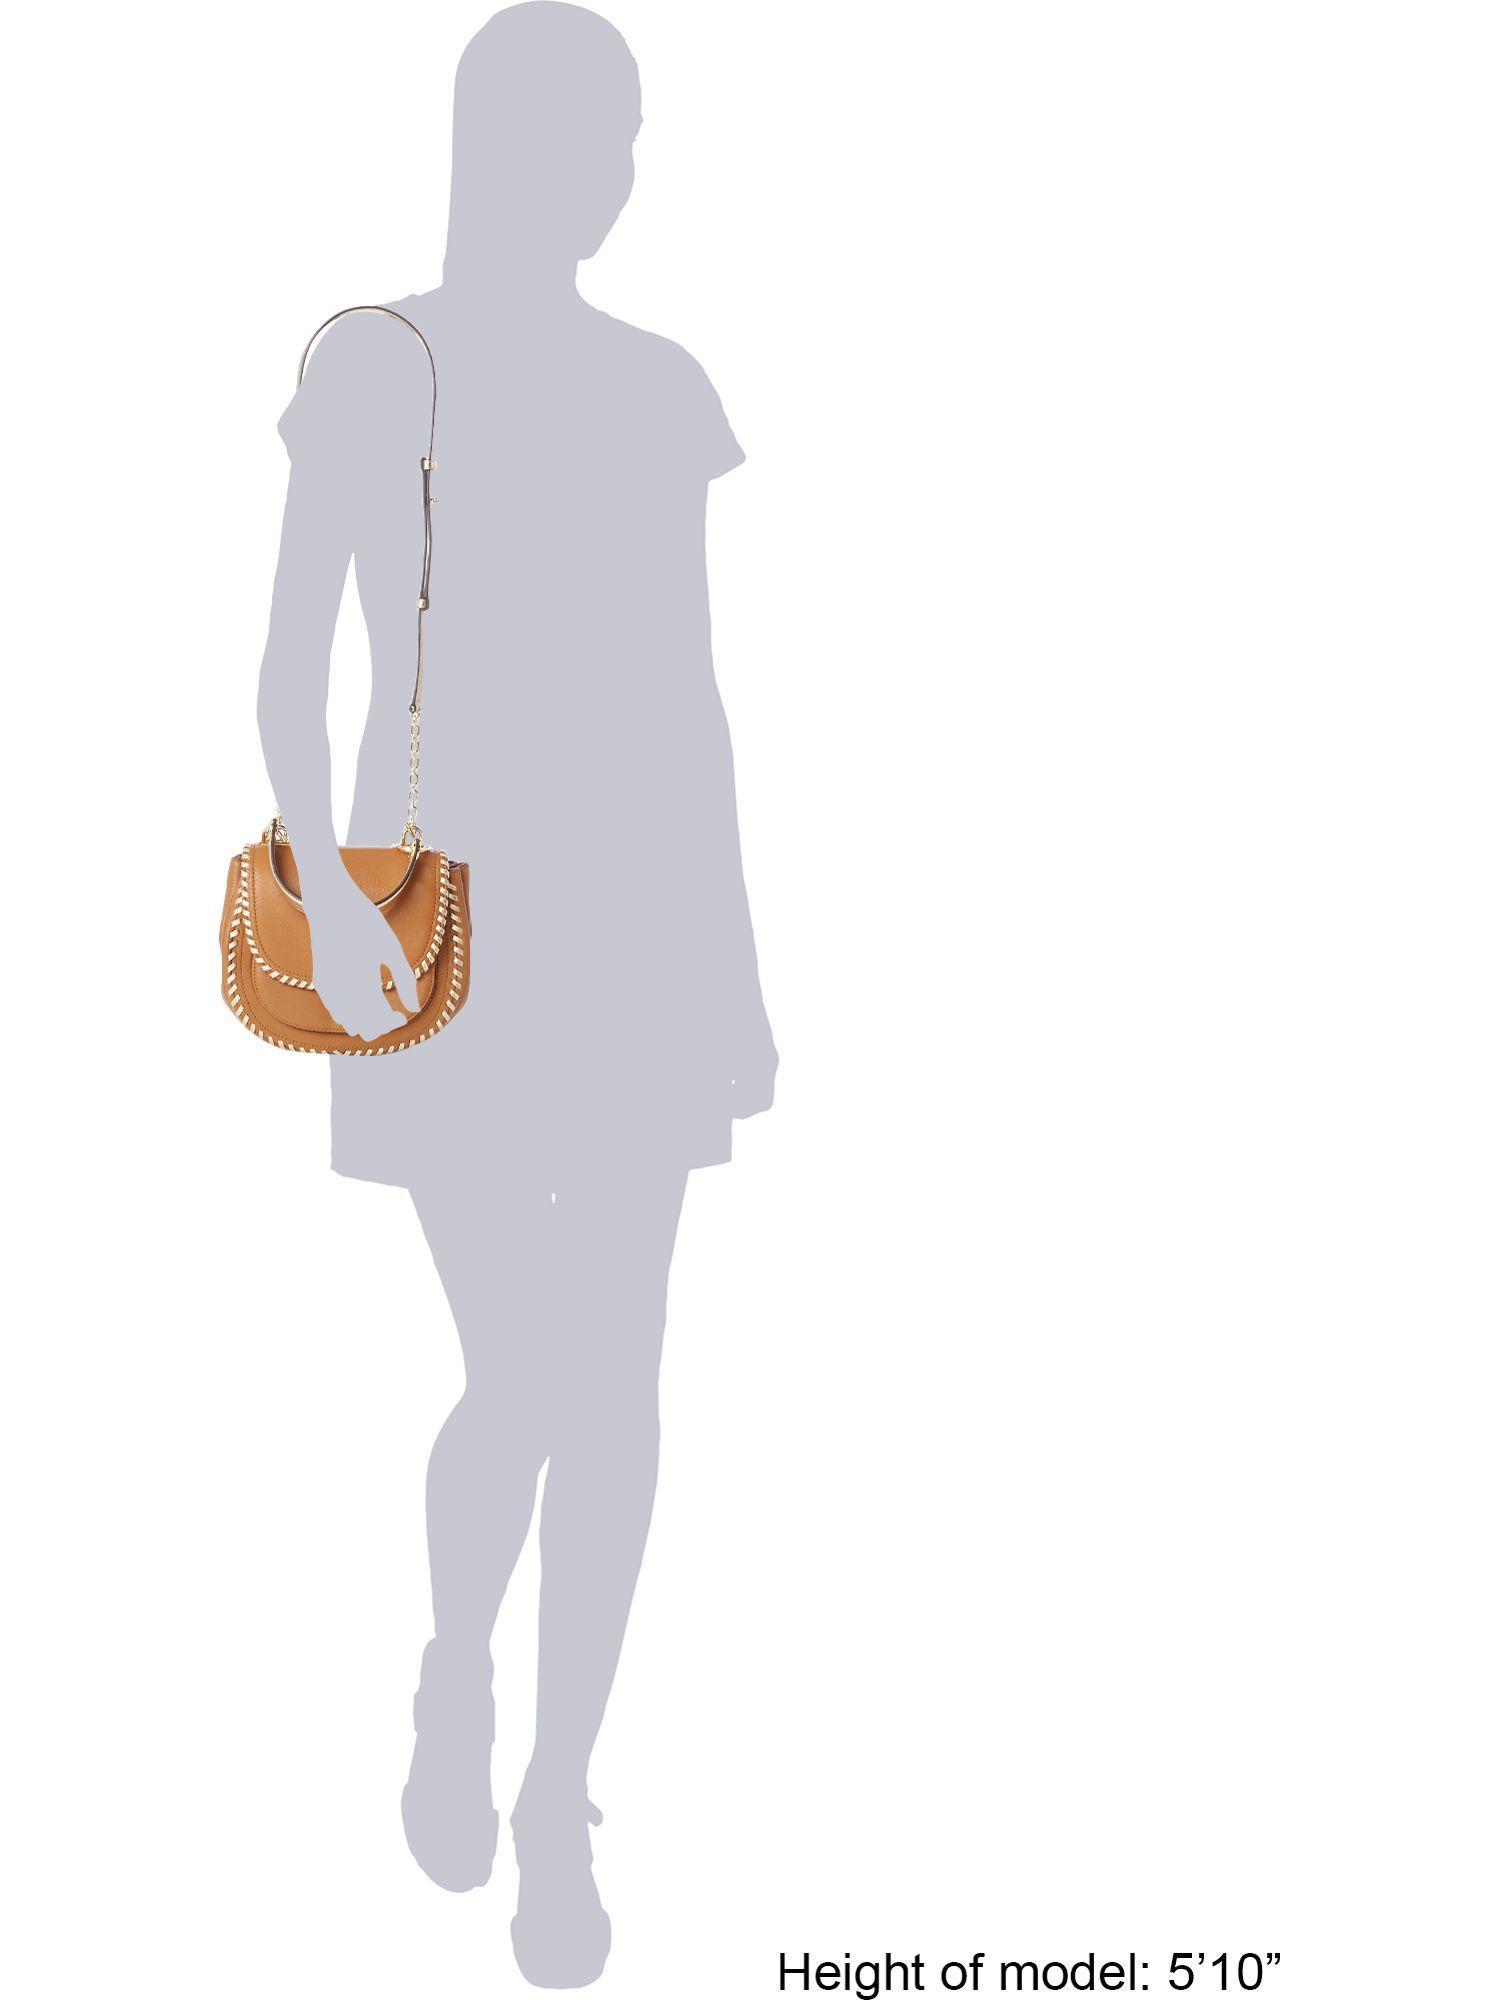 Michael Kors Leather Isadore Medium Crossbody Bag in Tan (Brown)